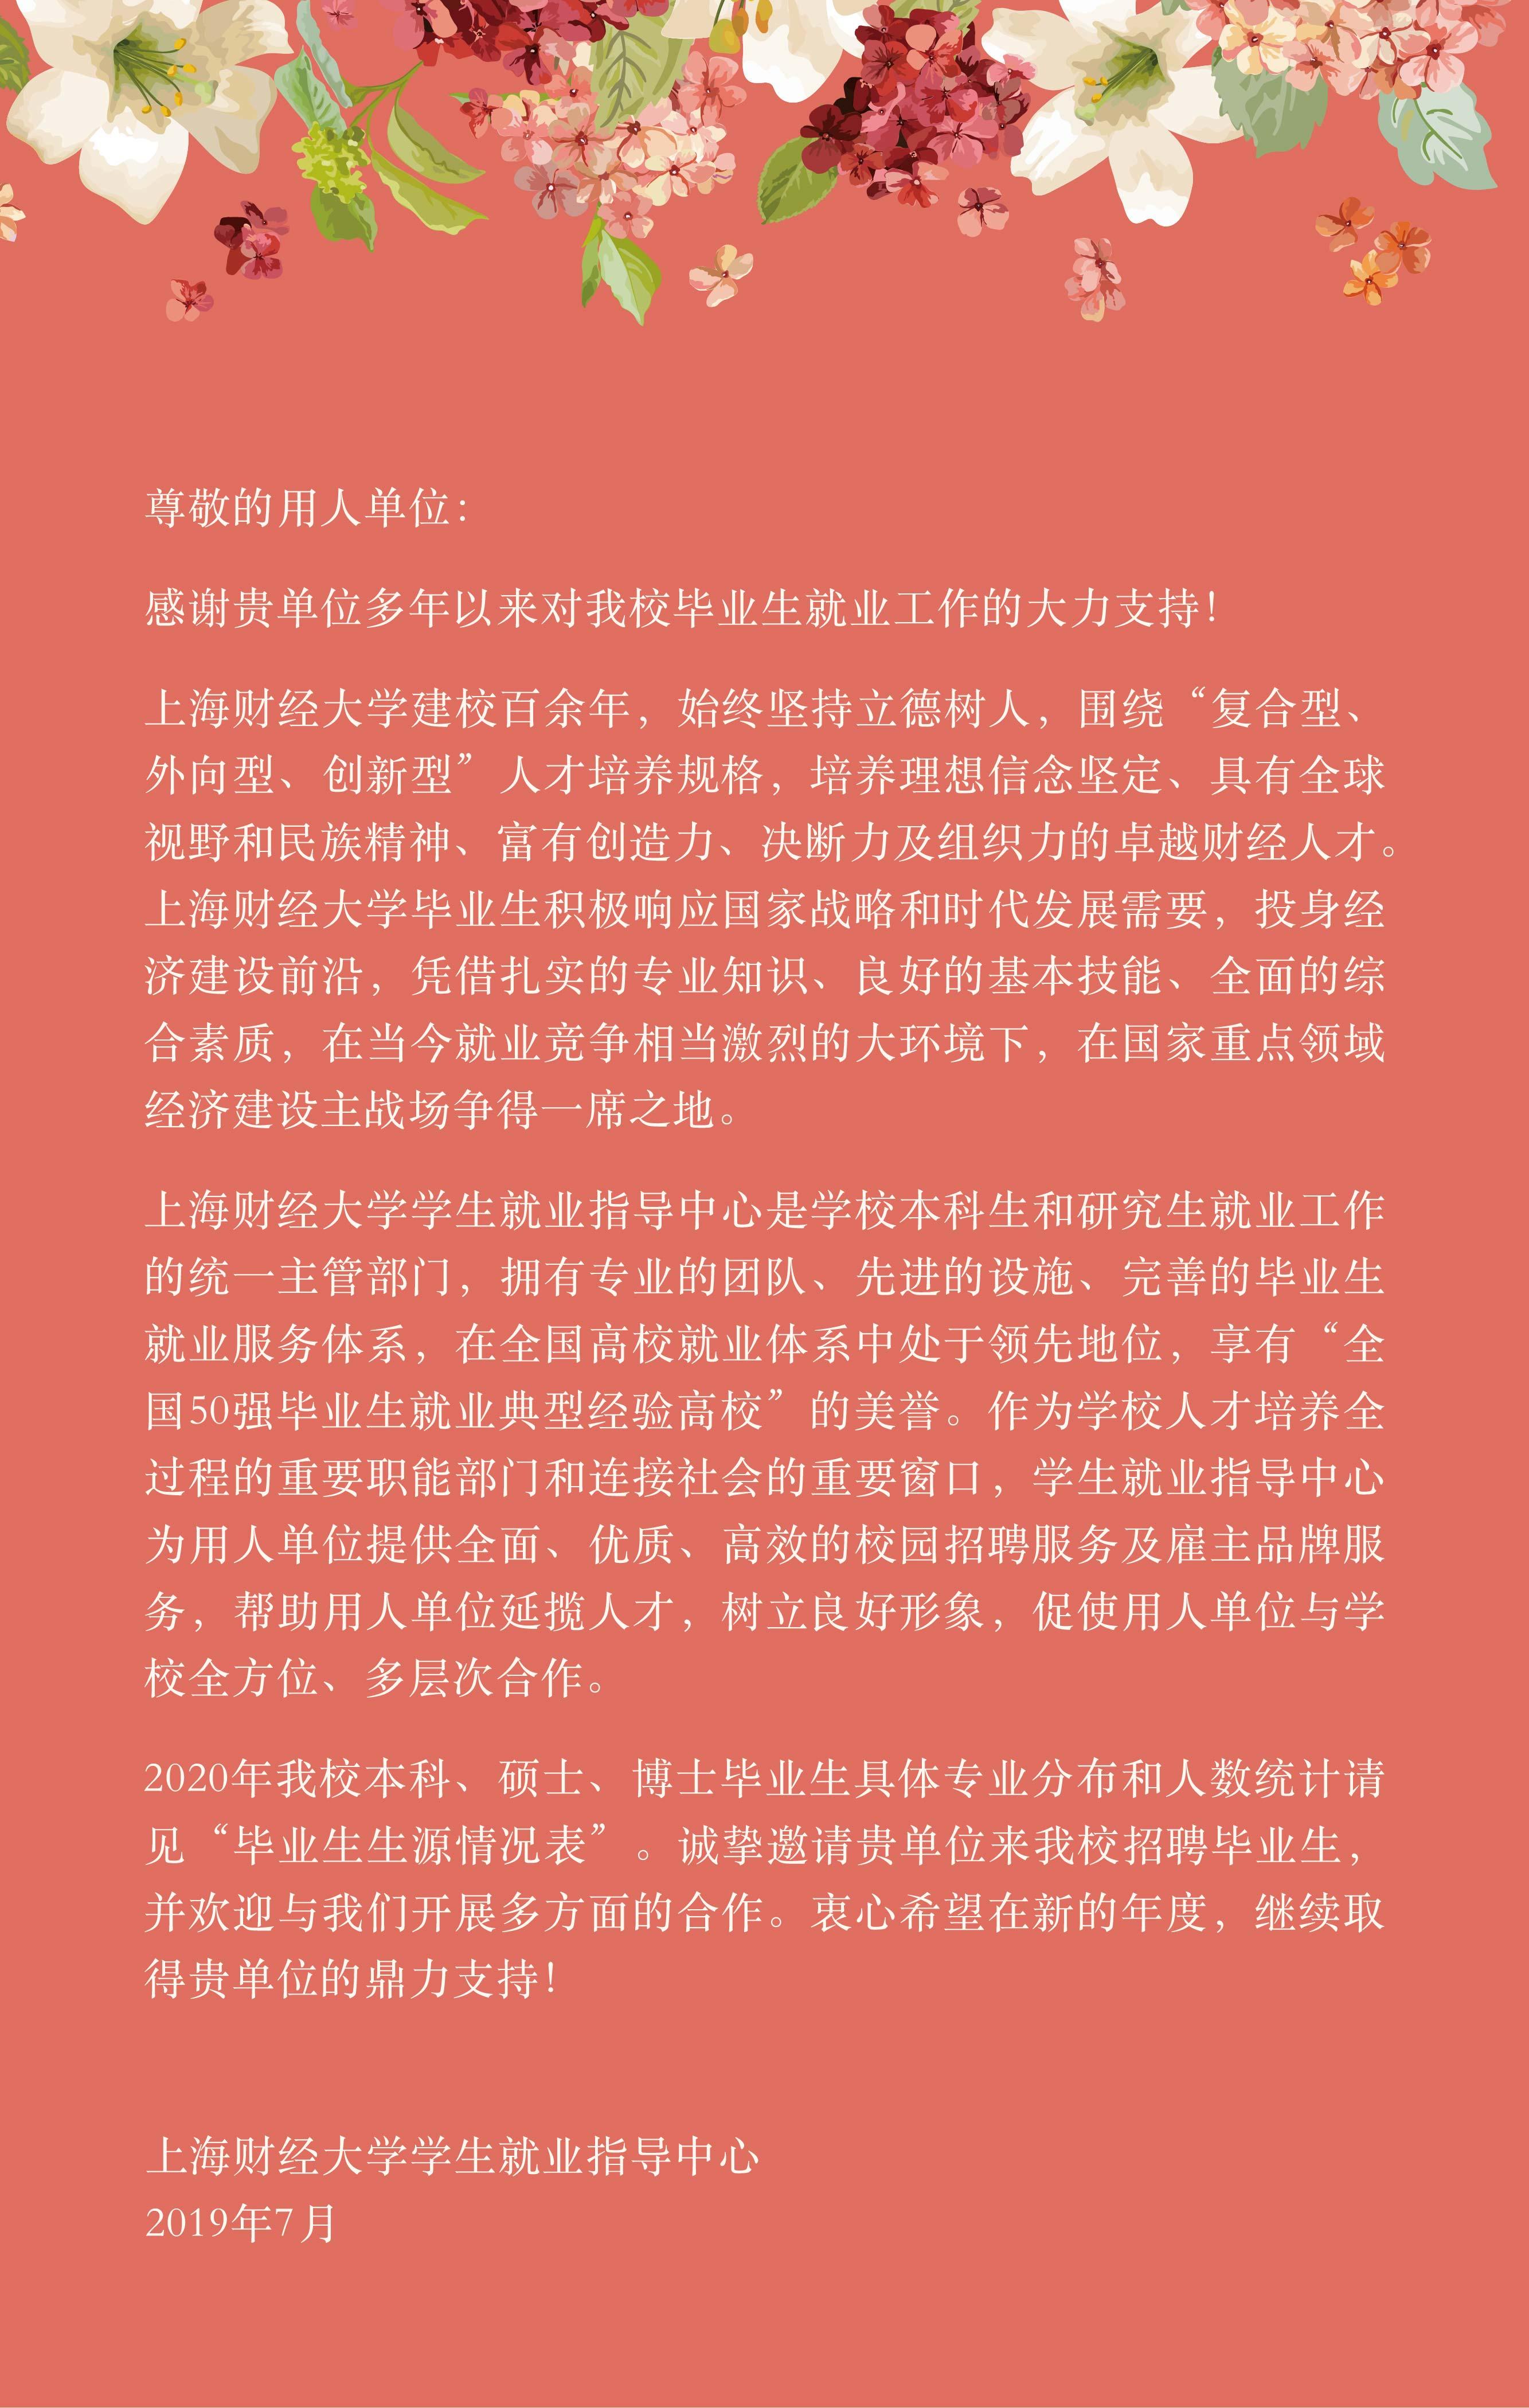 生源与招聘服务概览2020(ljpg)-06.jpg